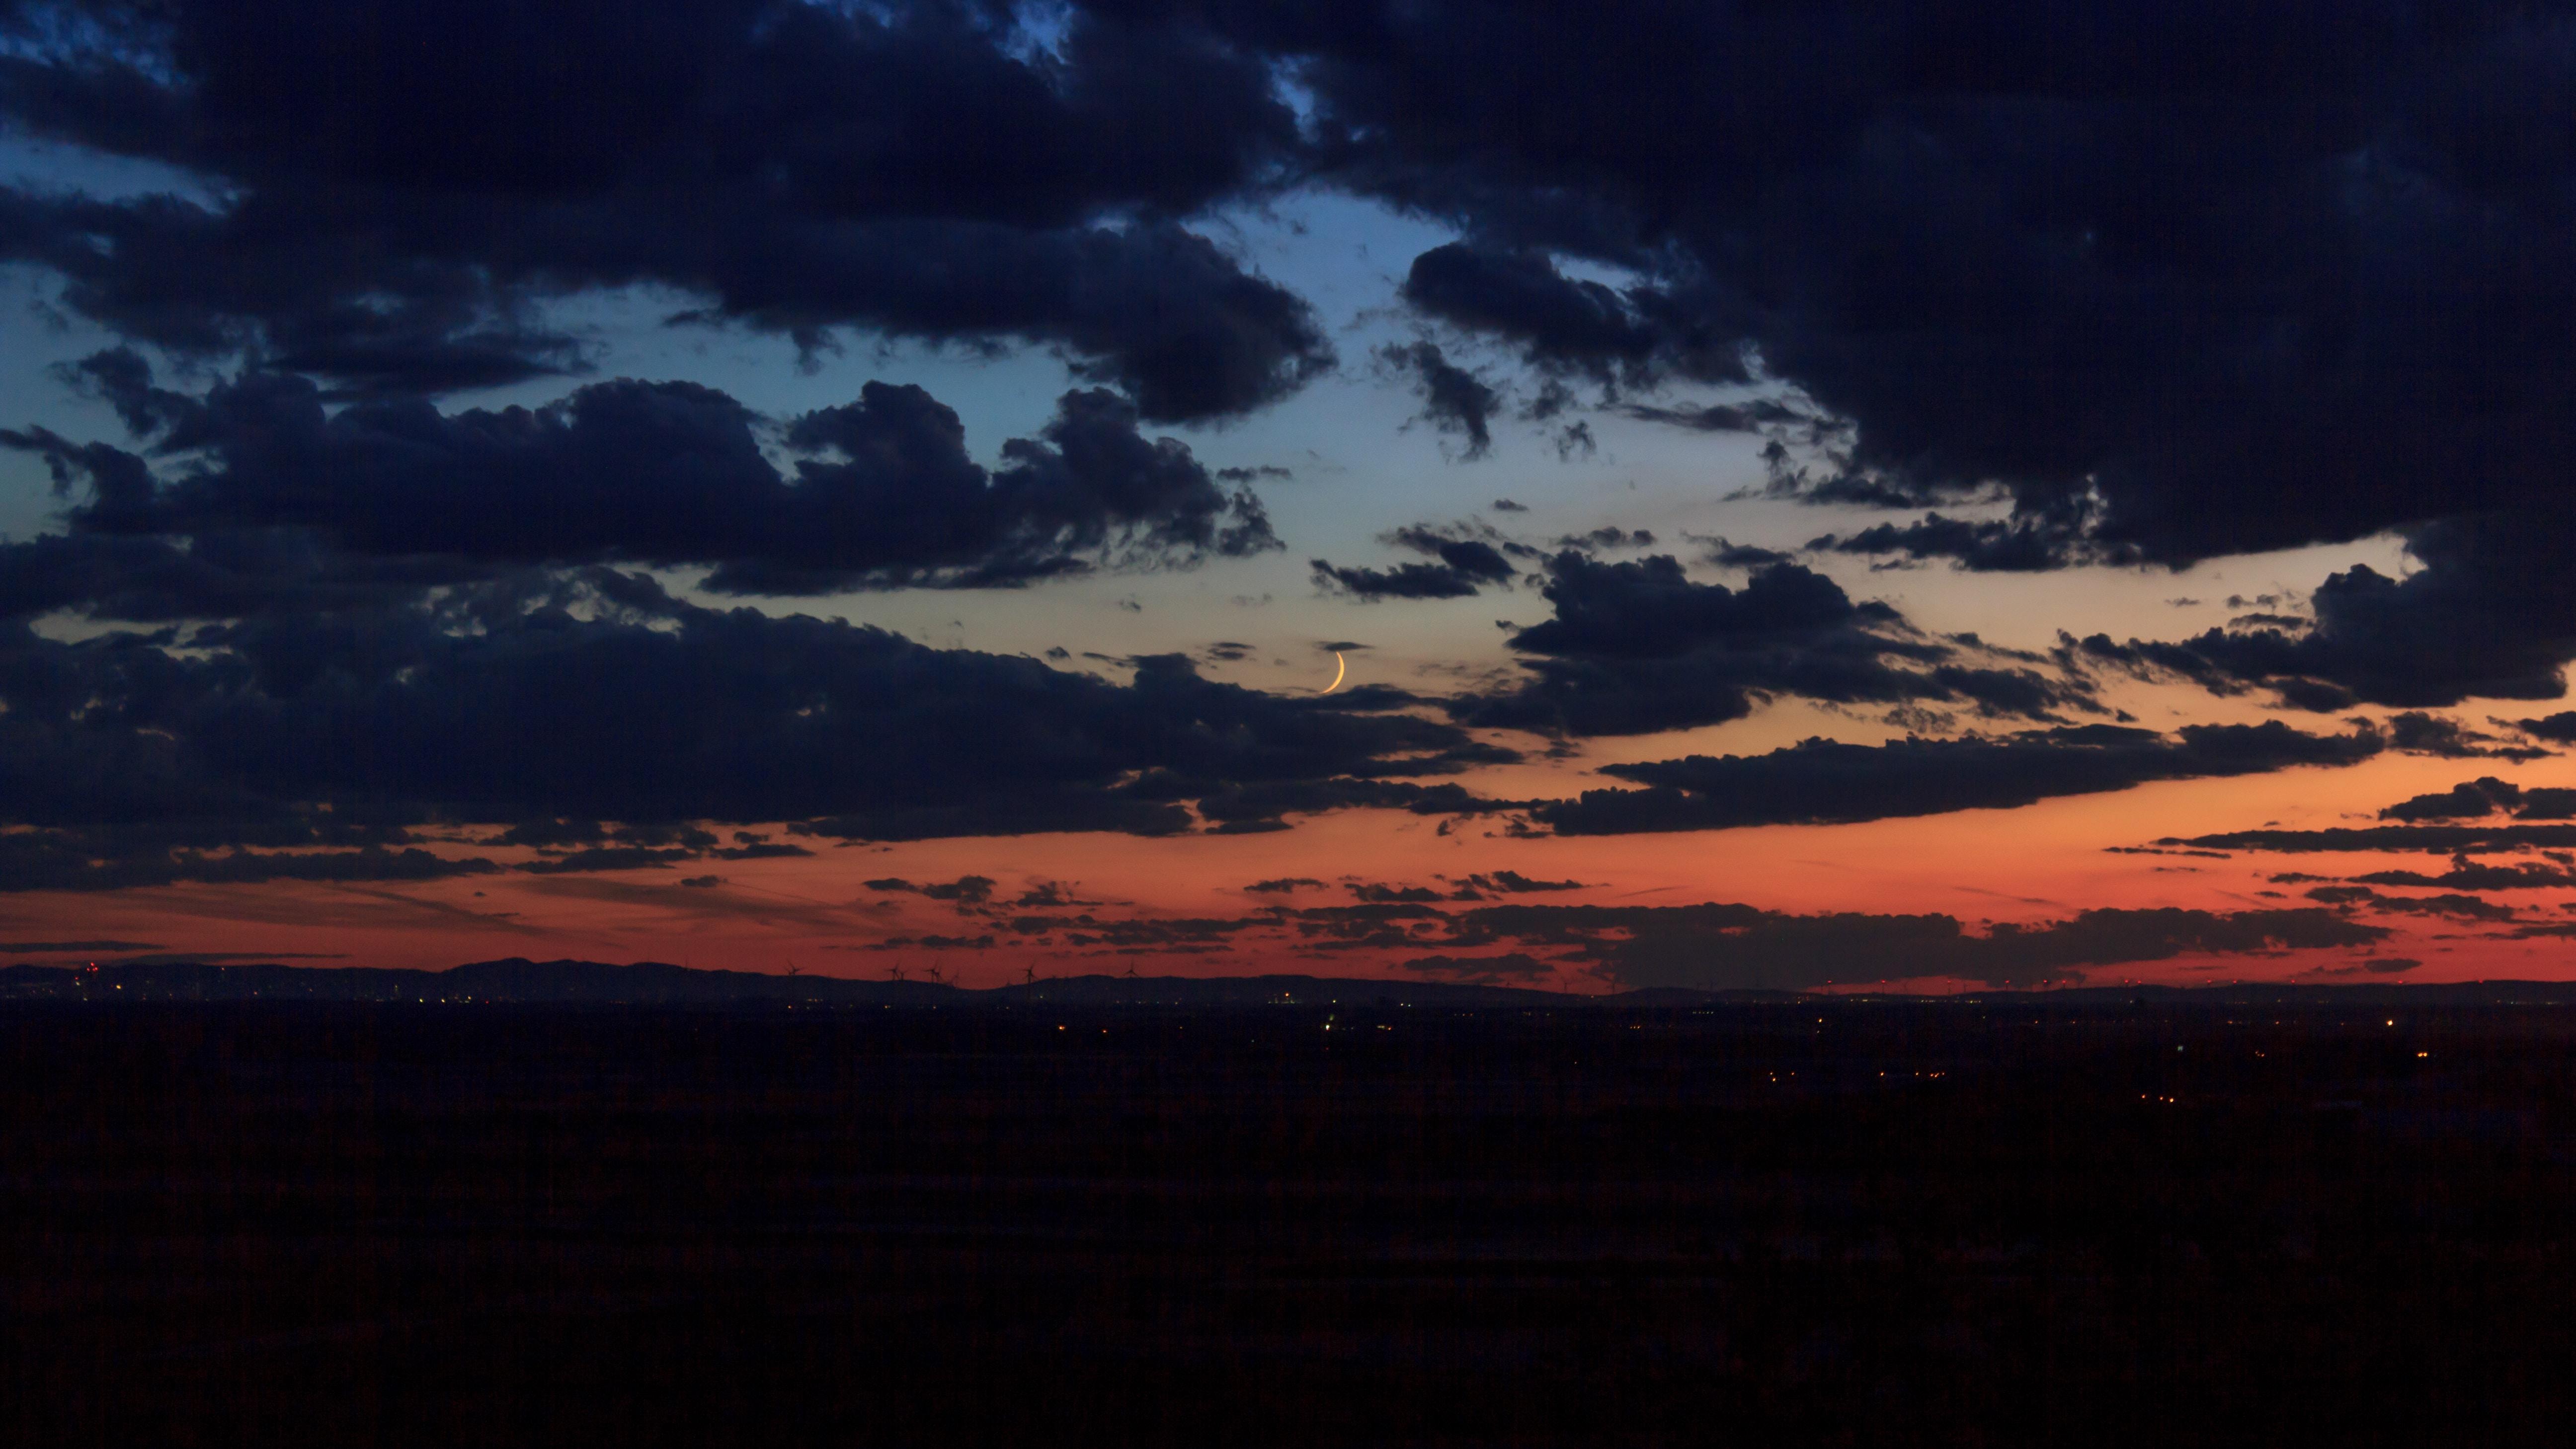 landscape photo of sky at golden hour